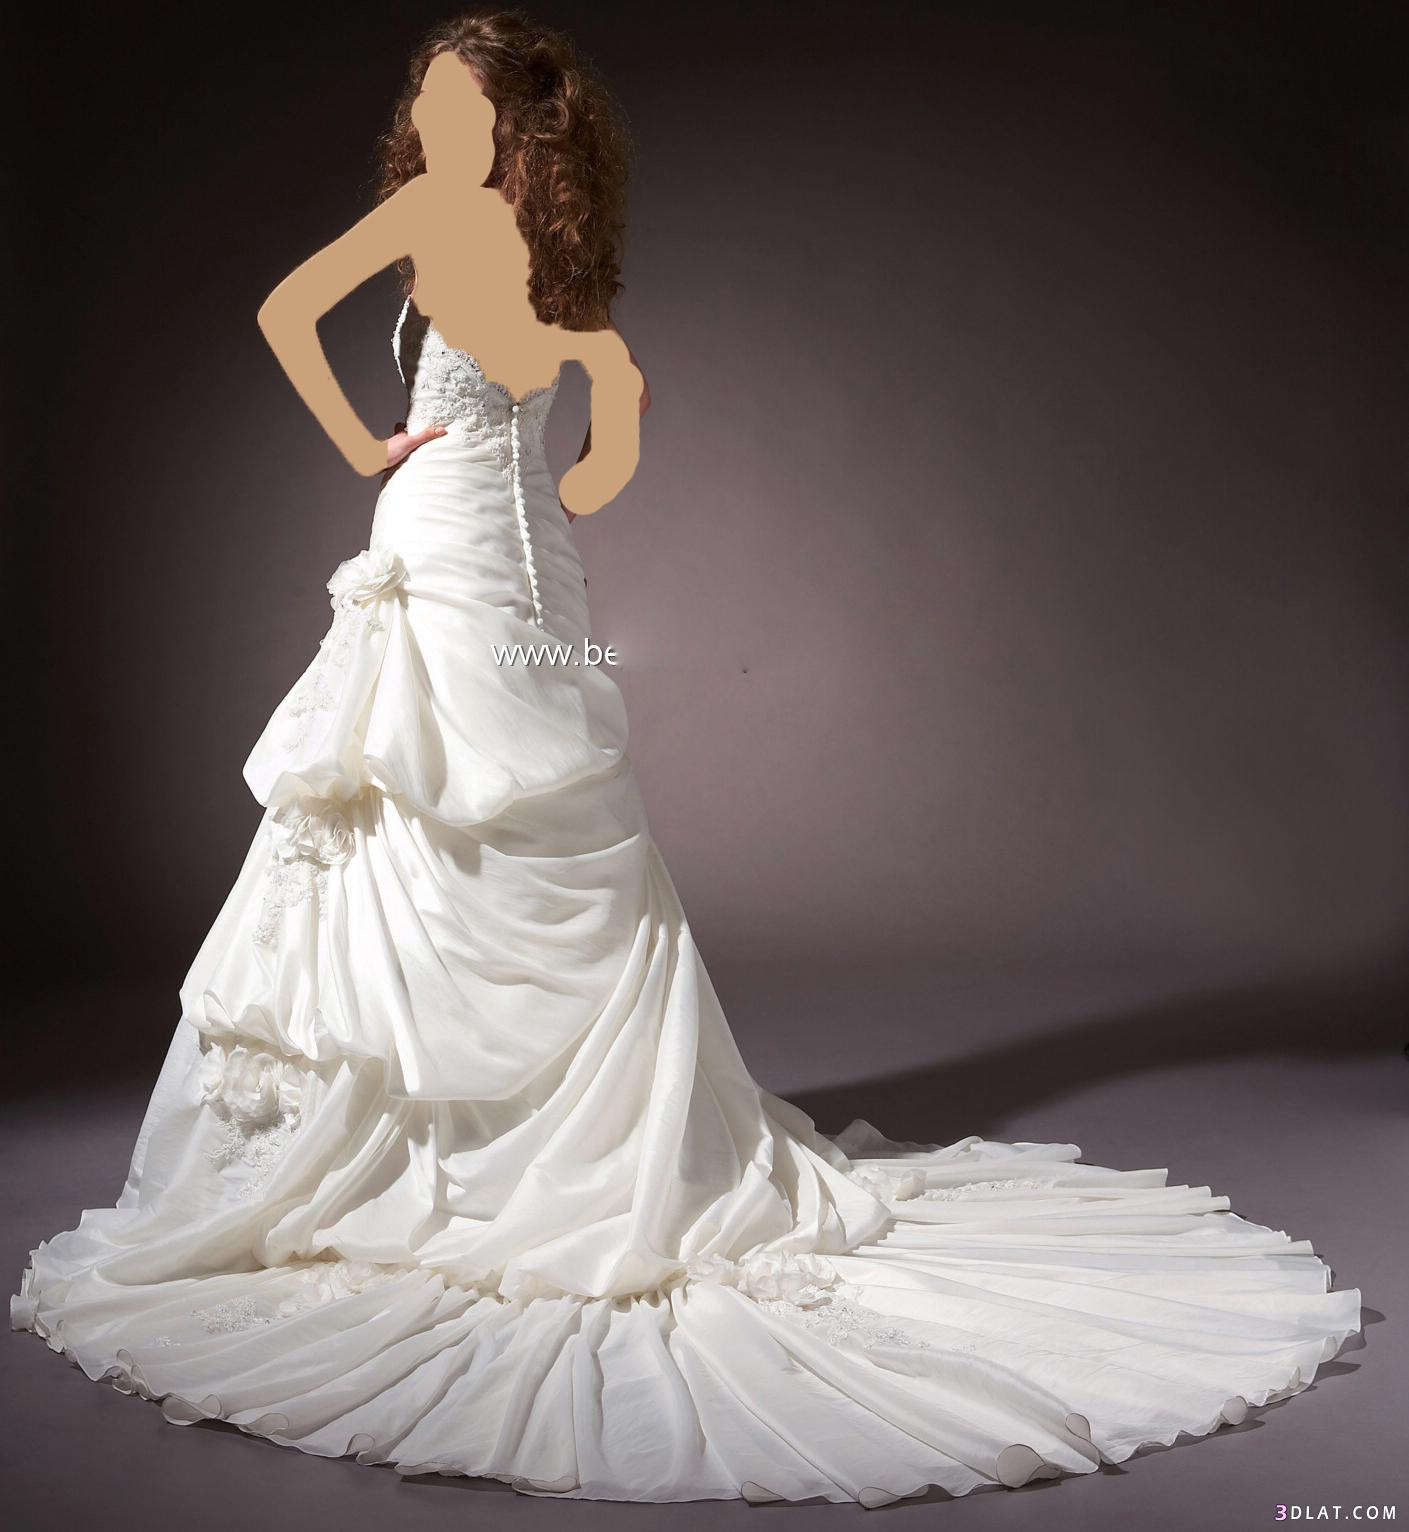 احلمي معايا بفستان فرحك